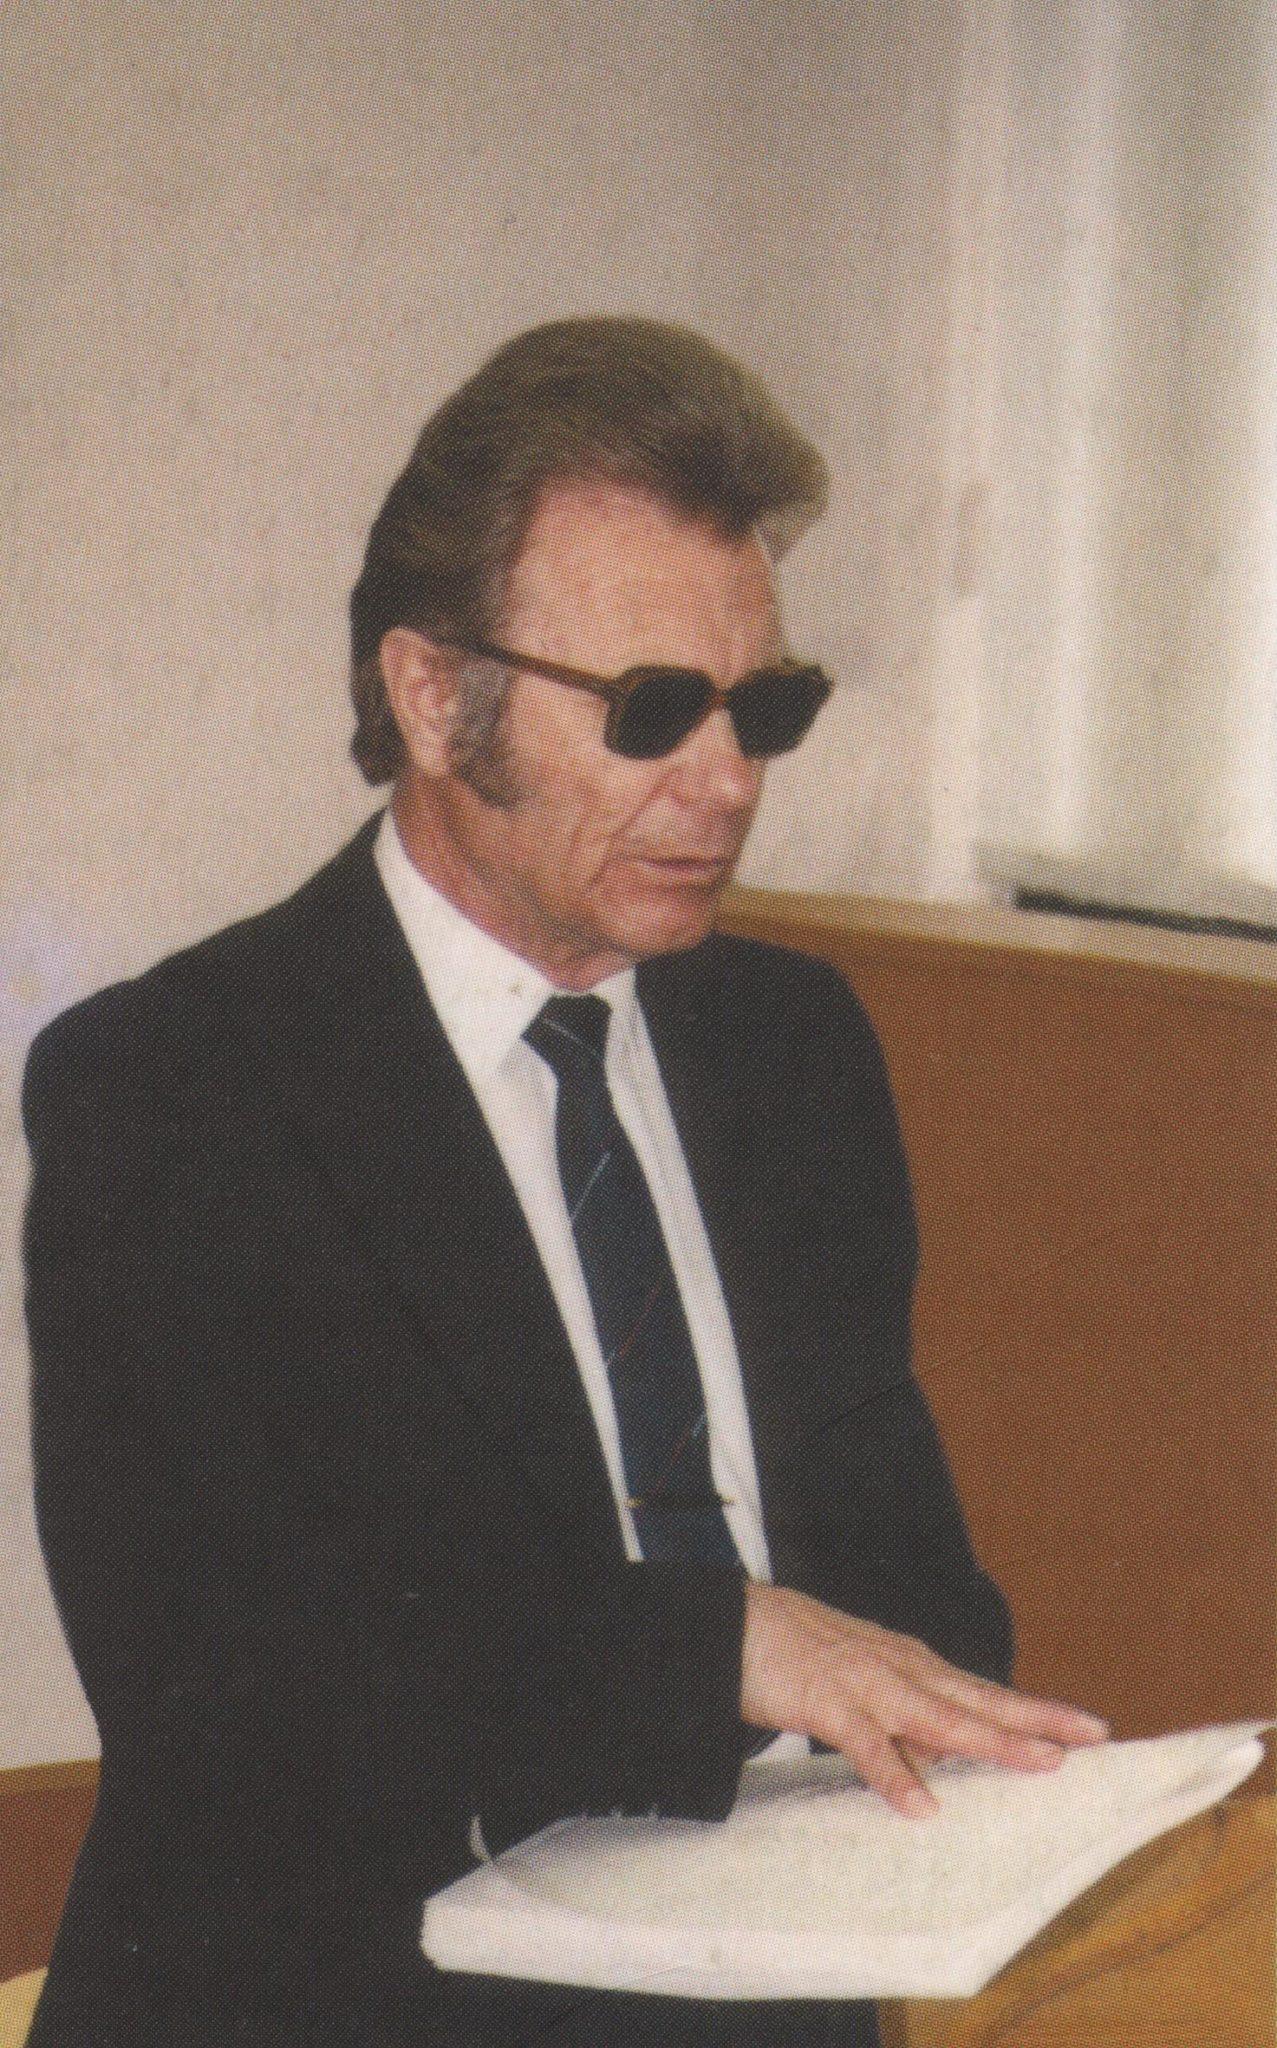 1. Vaclovas Areima. Nuotr. iš kn.: Areima, Vaclovas. Laiškai tylai. – Vilnius, 2003, IV virš.